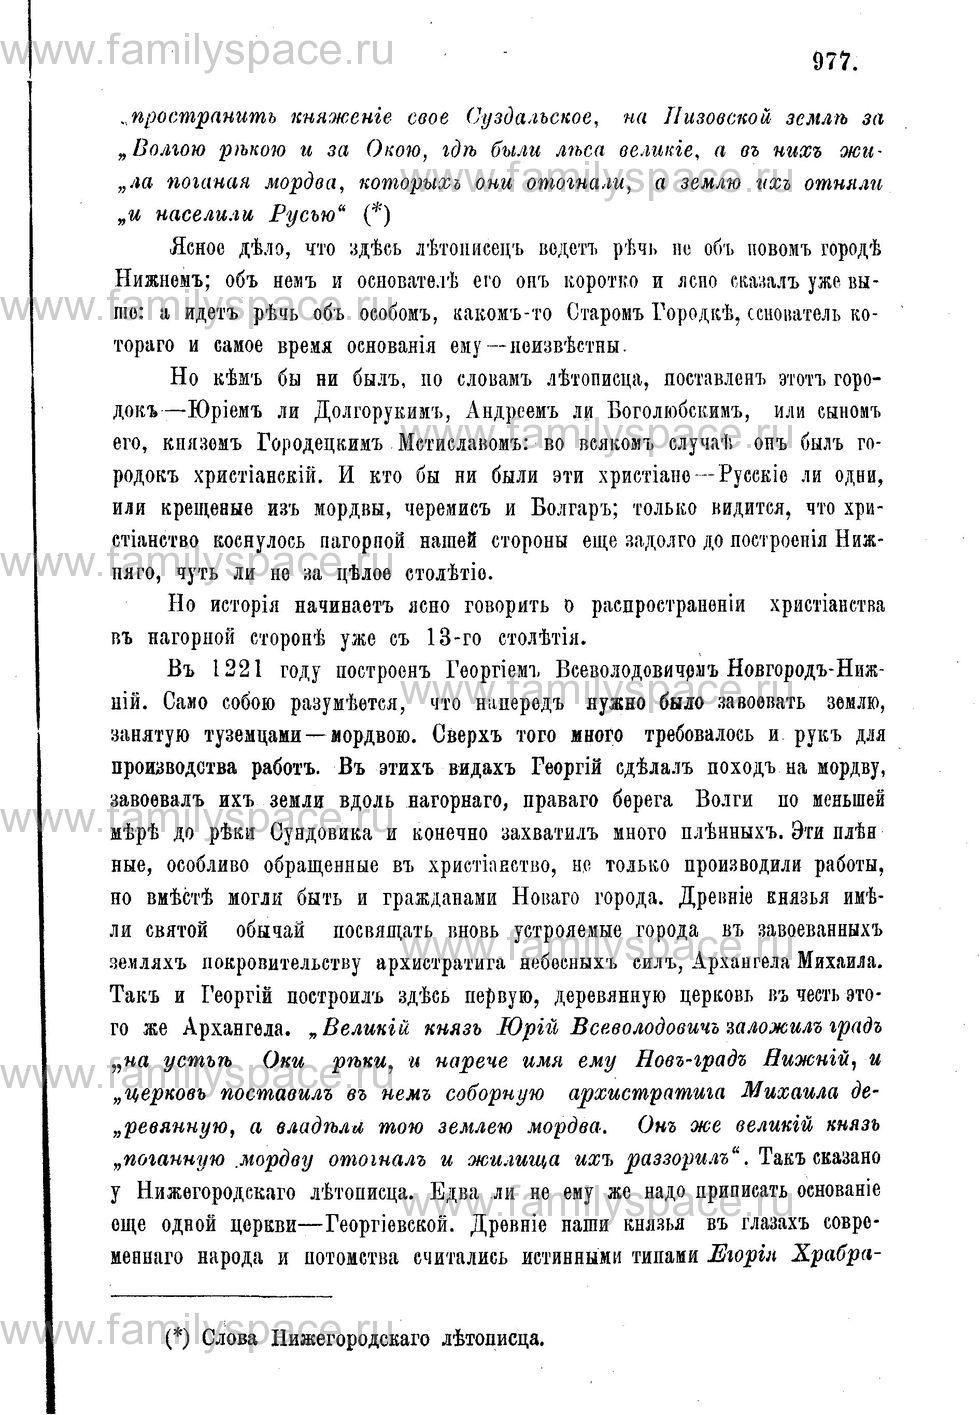 Поиск по фамилии - Адрес-календарь Нижегородской епархии на 1888 год, страница 1977